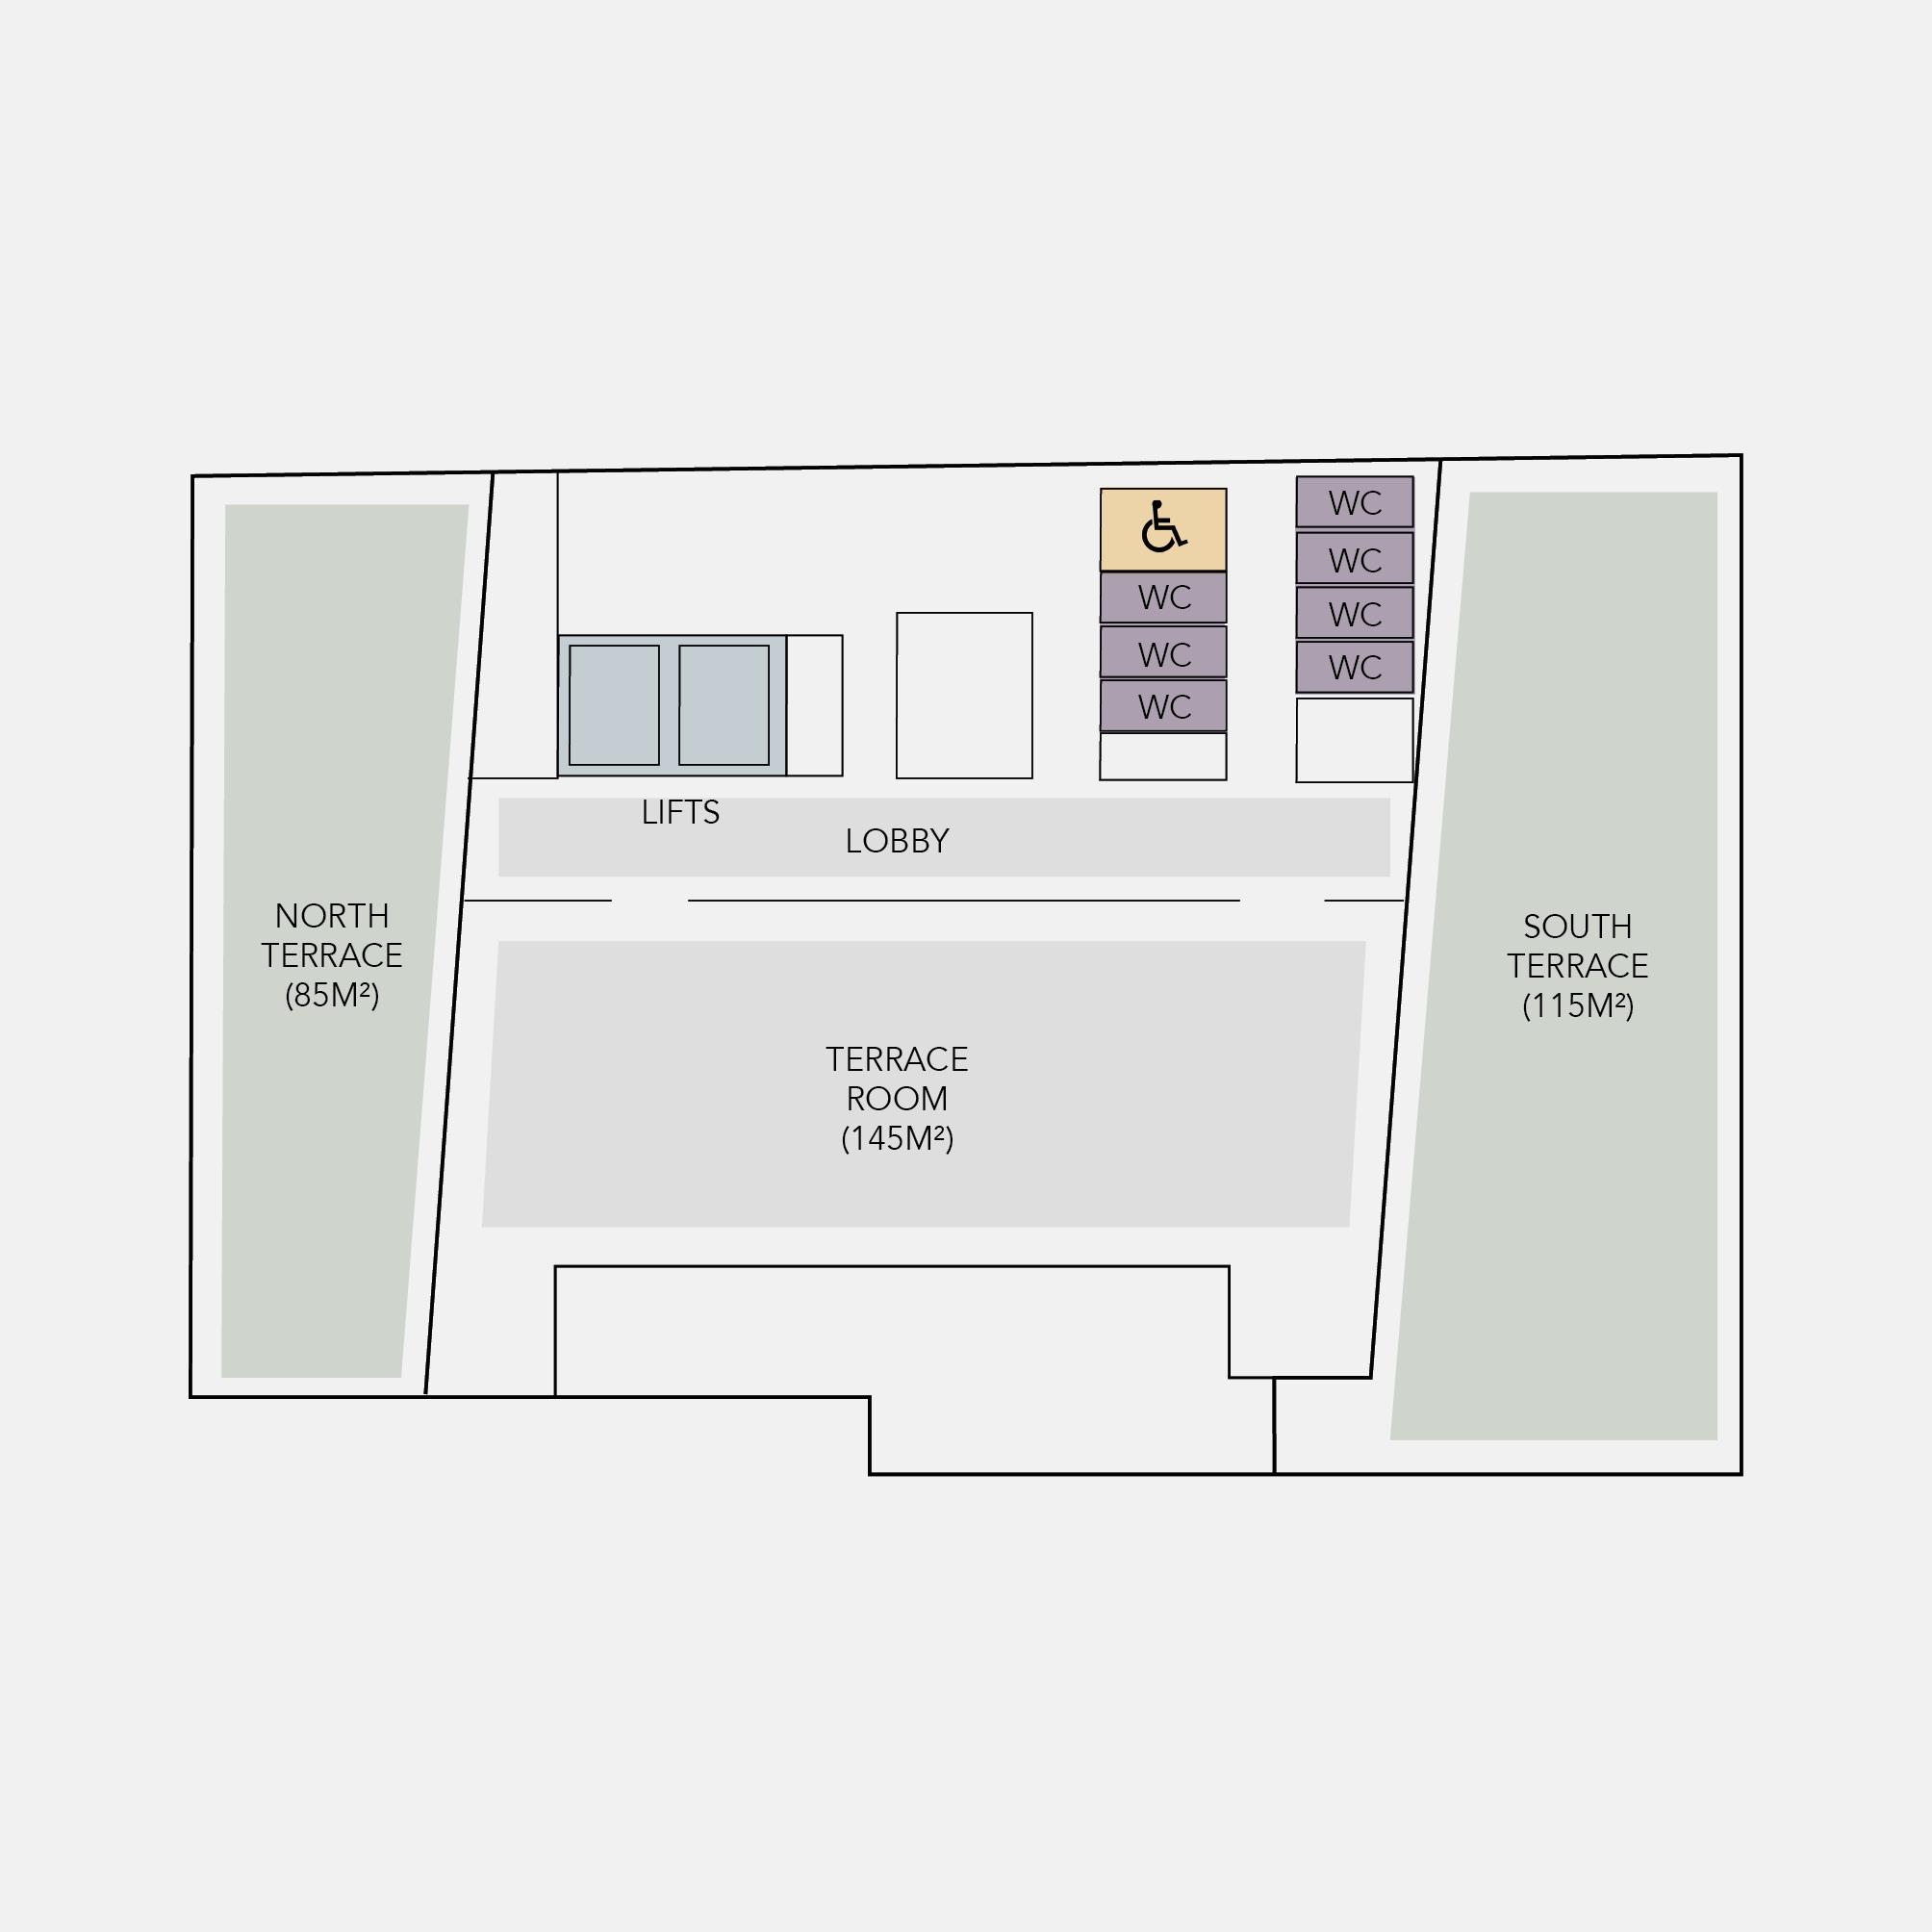 Events Floor plans3.jpg